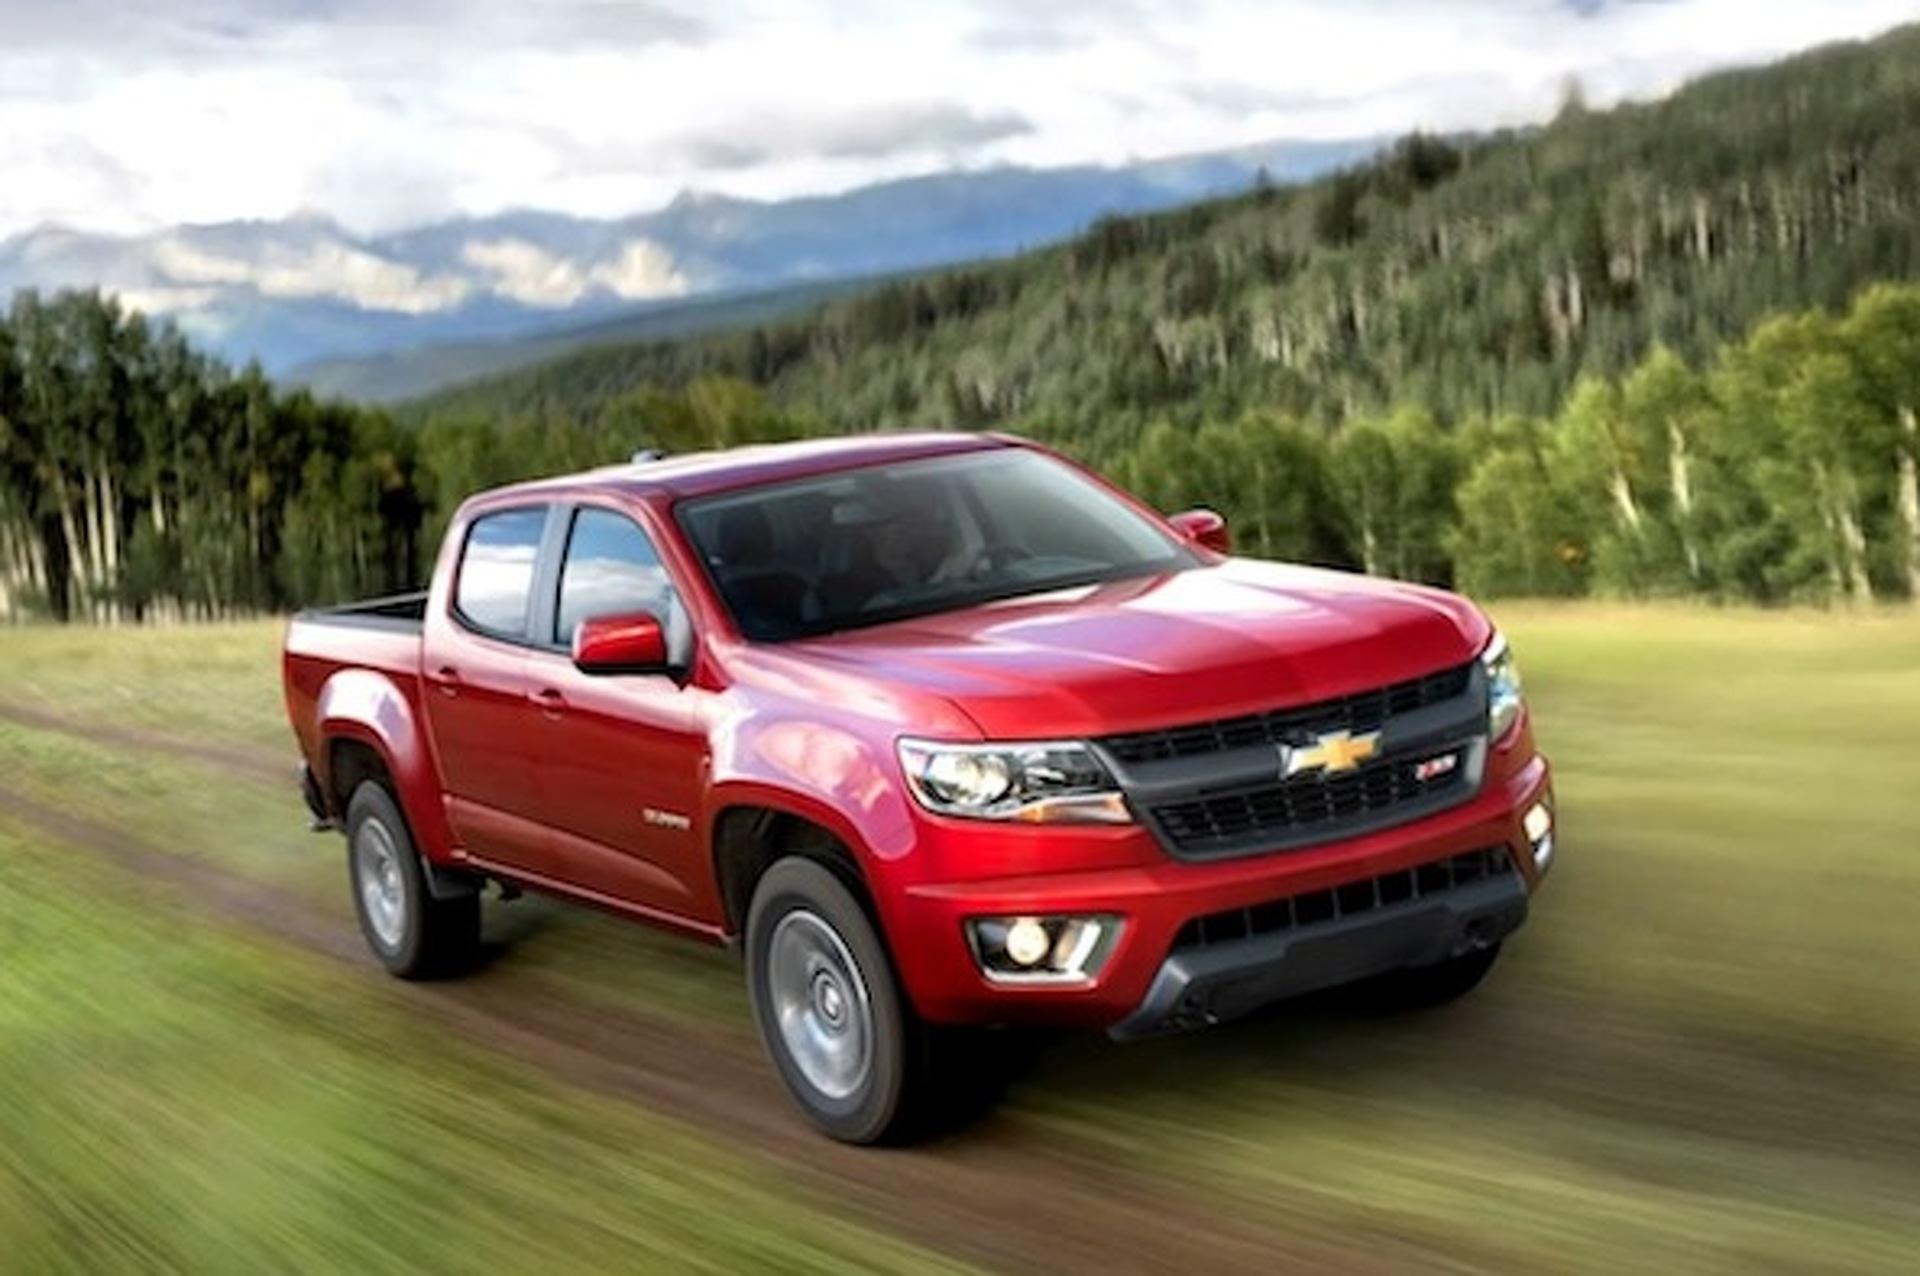 2015 Chevrolet Colorado Revealed